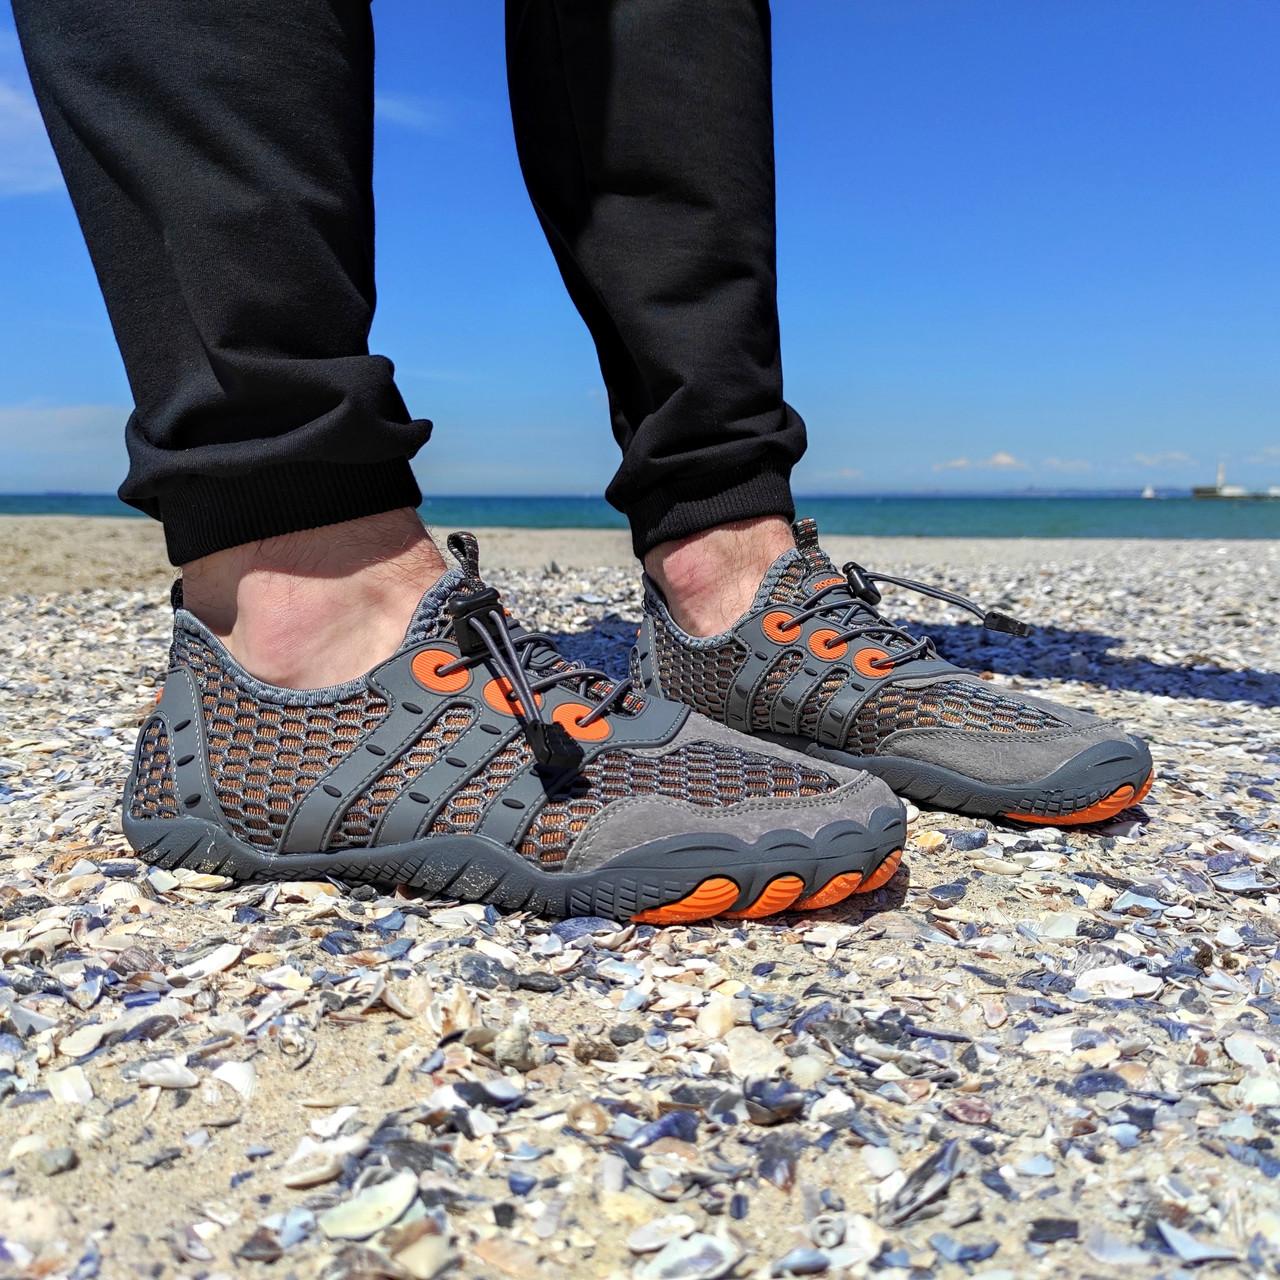 РОЗМІРИ 46, 47 Сірі аквашузи чоловічі і жіночі коралки аквавзуття шльопанці для моря аква взуття сліпони